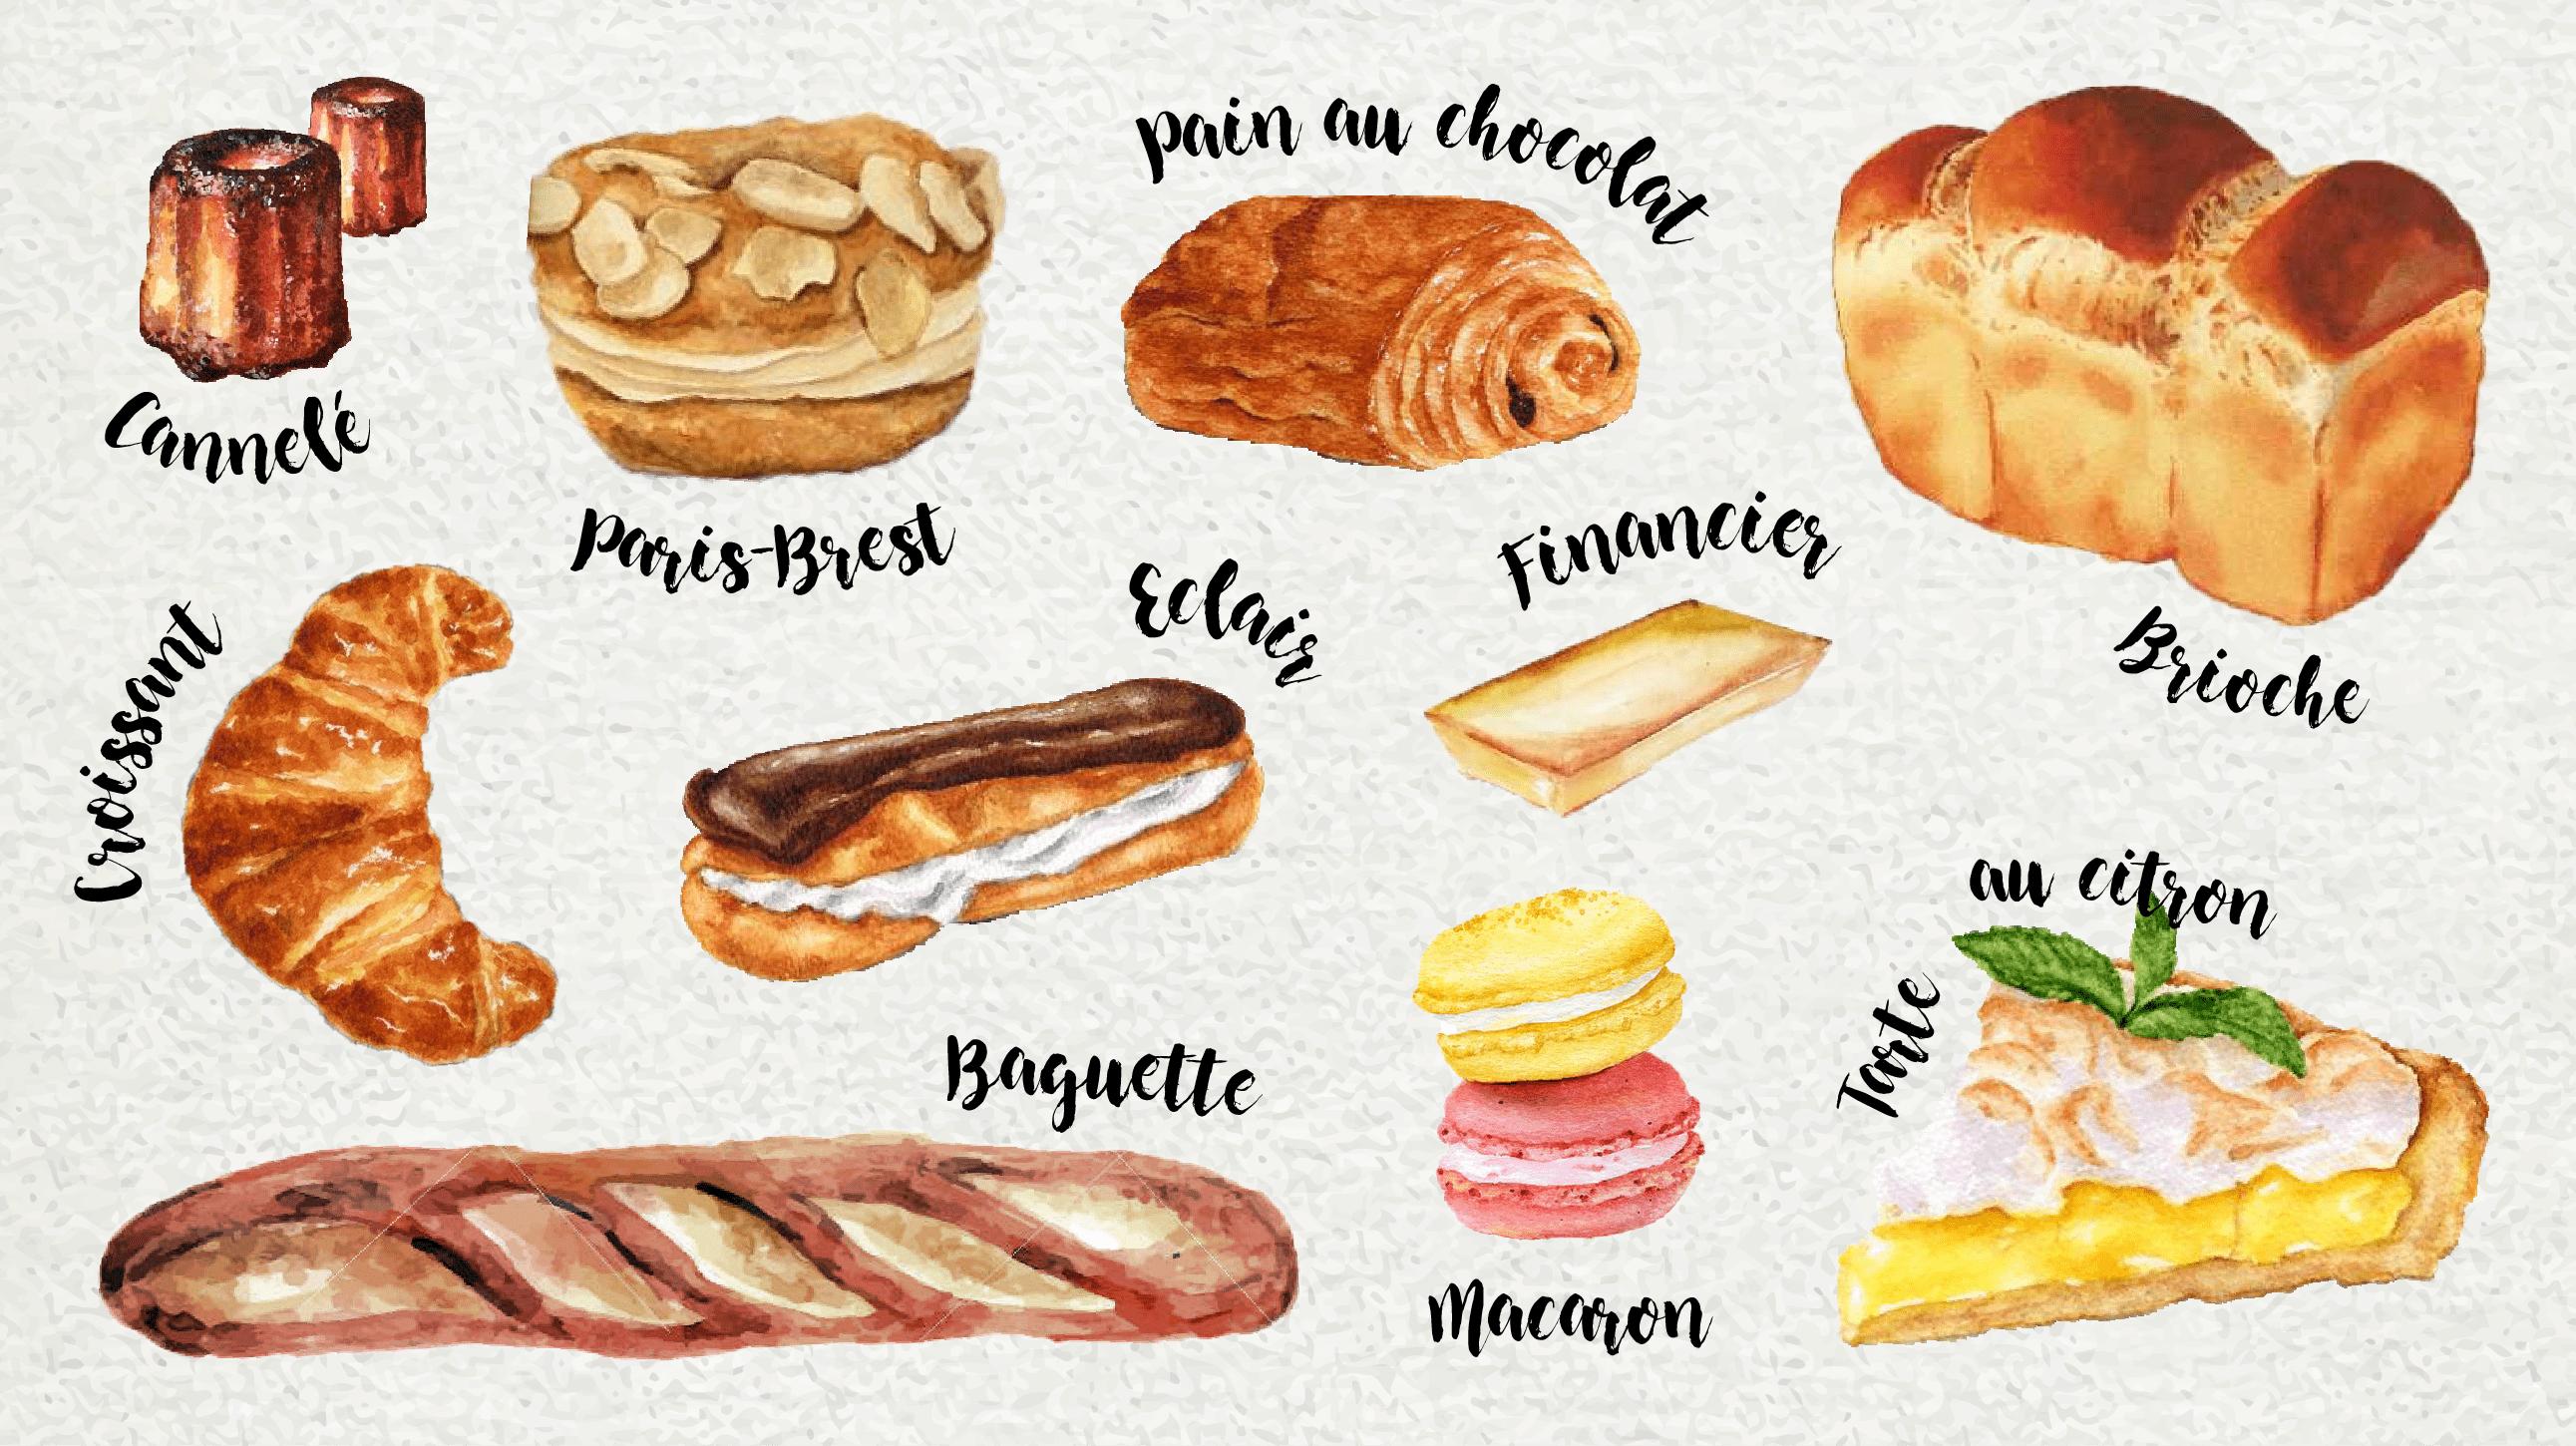 El abc de la panader a y pasteler a francesa for Comidas de francia nombres